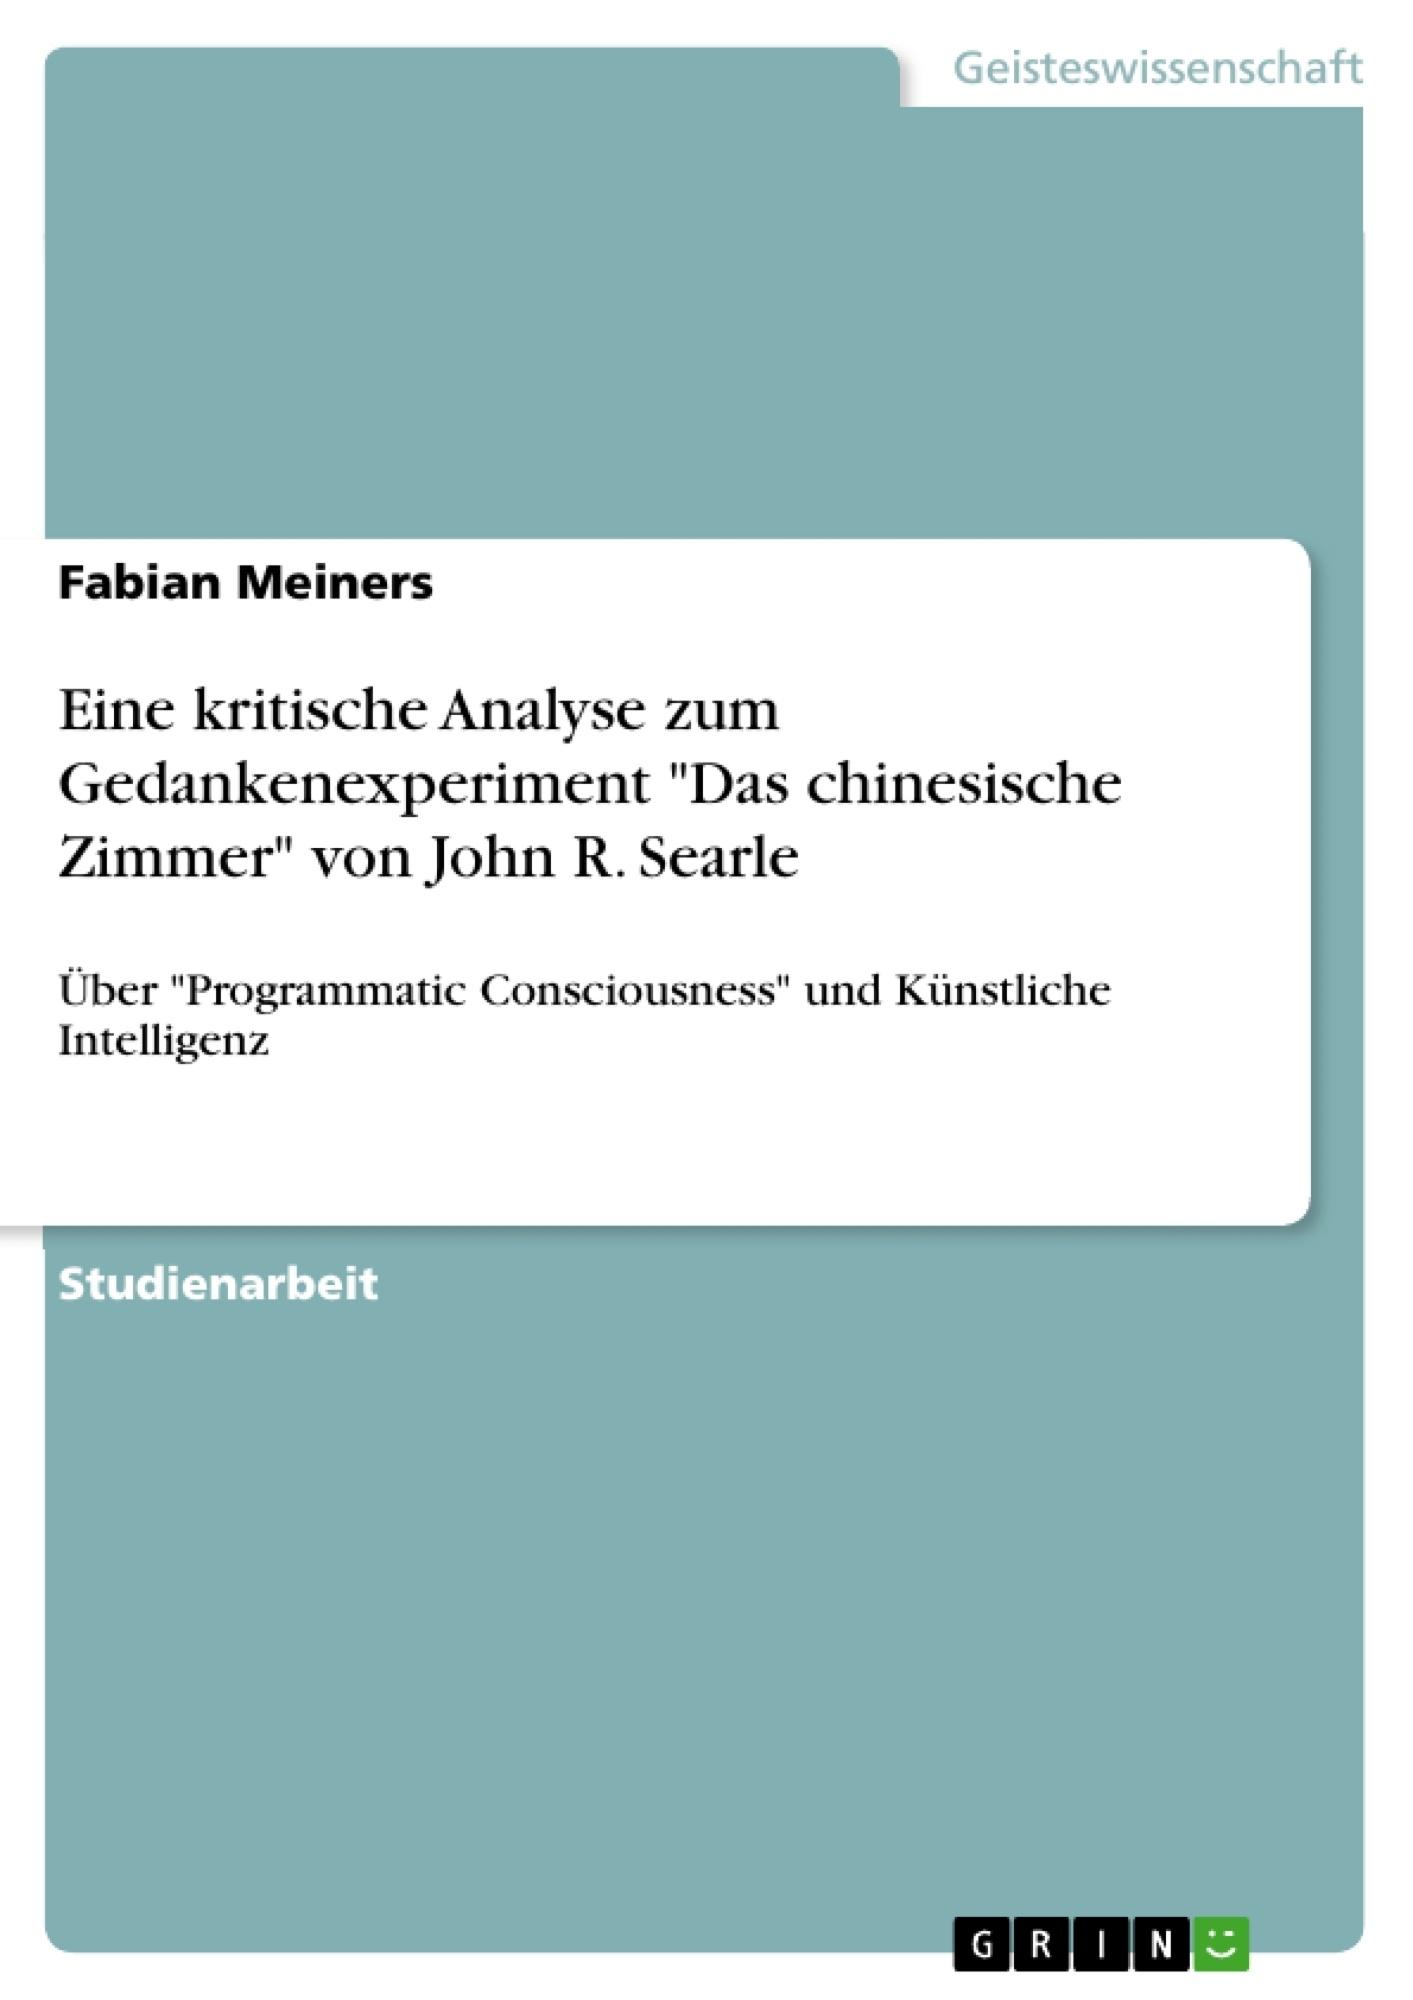 """Titel: Eine kritische Analyse zum Gedankenexperiment """"Das chinesische Zimmer"""" von John R. Searle"""